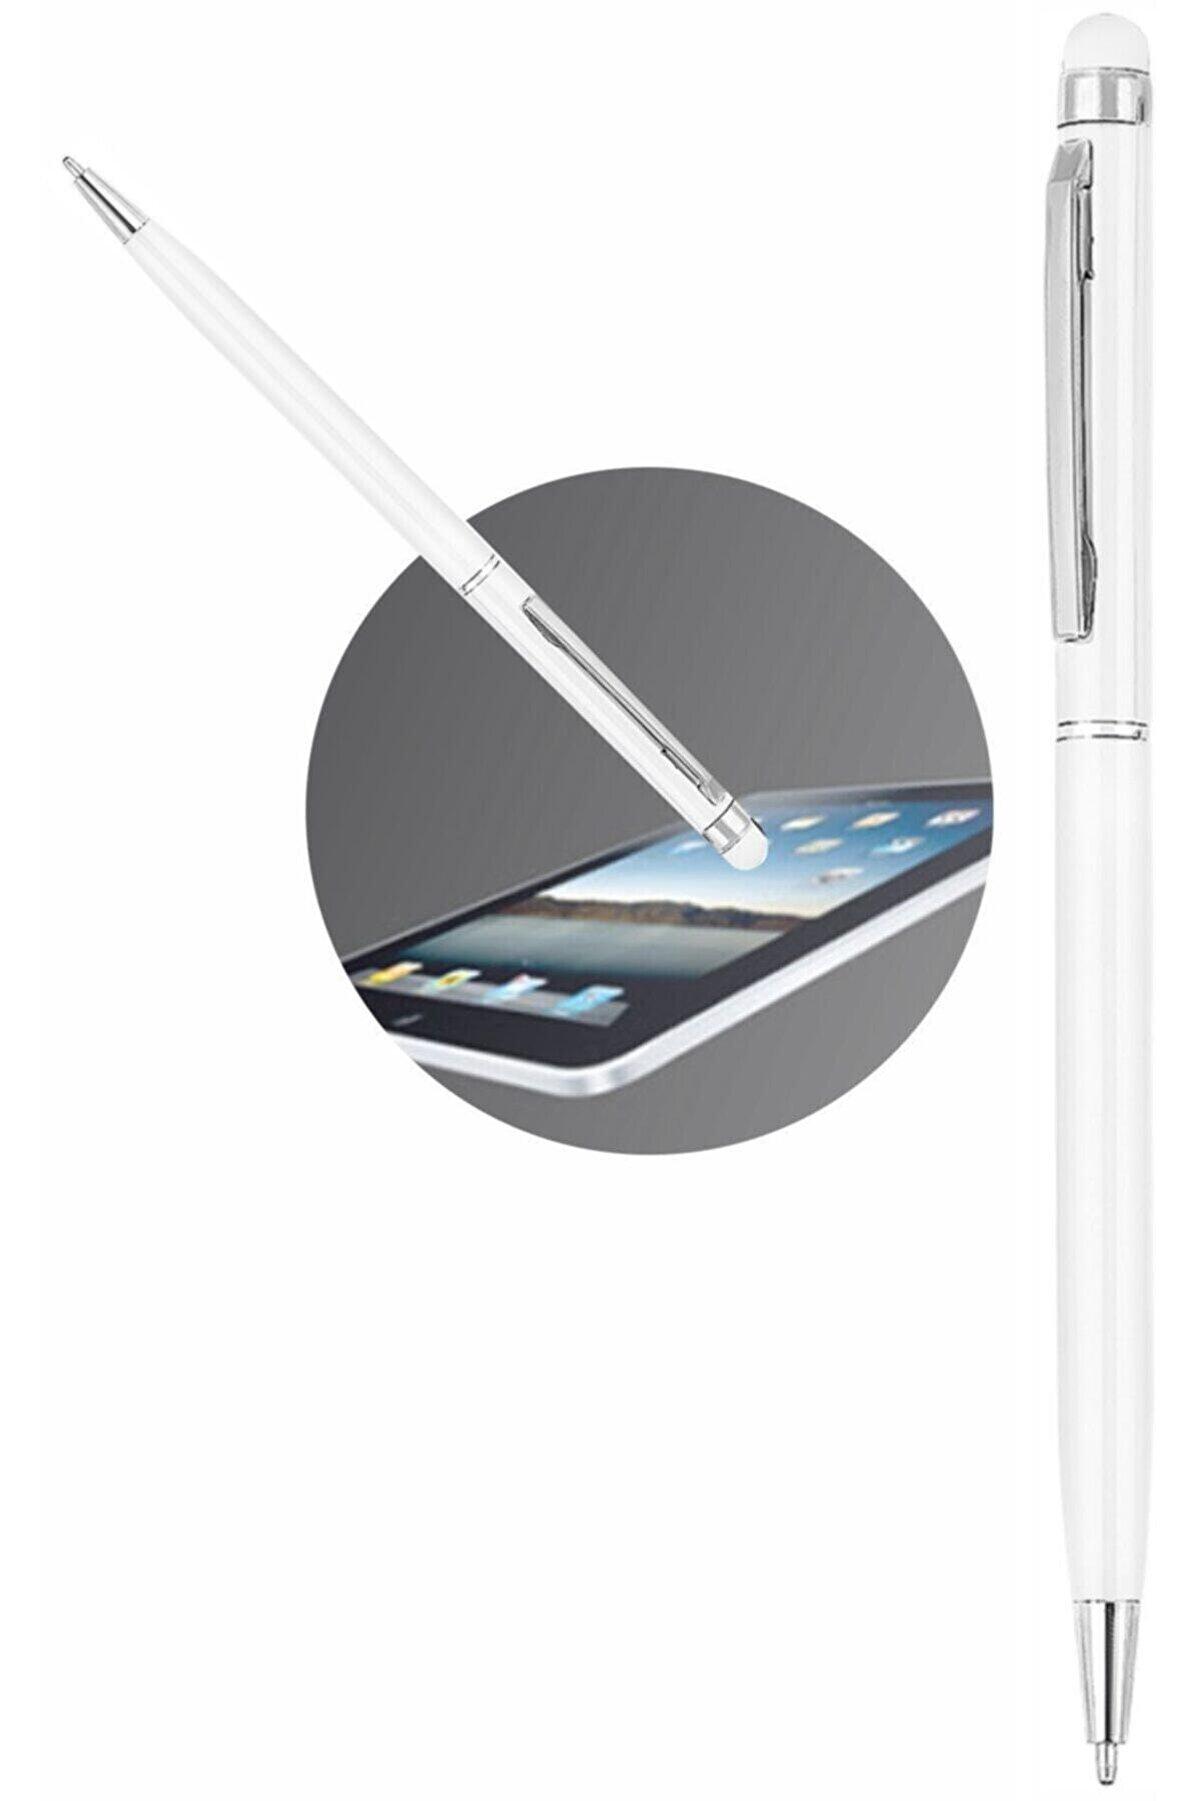 MMA DİJİTAL MAĞAZACILIK Dokunmatik Kalem Tablet Telefon Uyumlu Dokunmatik Uçlu Tükenmez Mavi Mürekkep